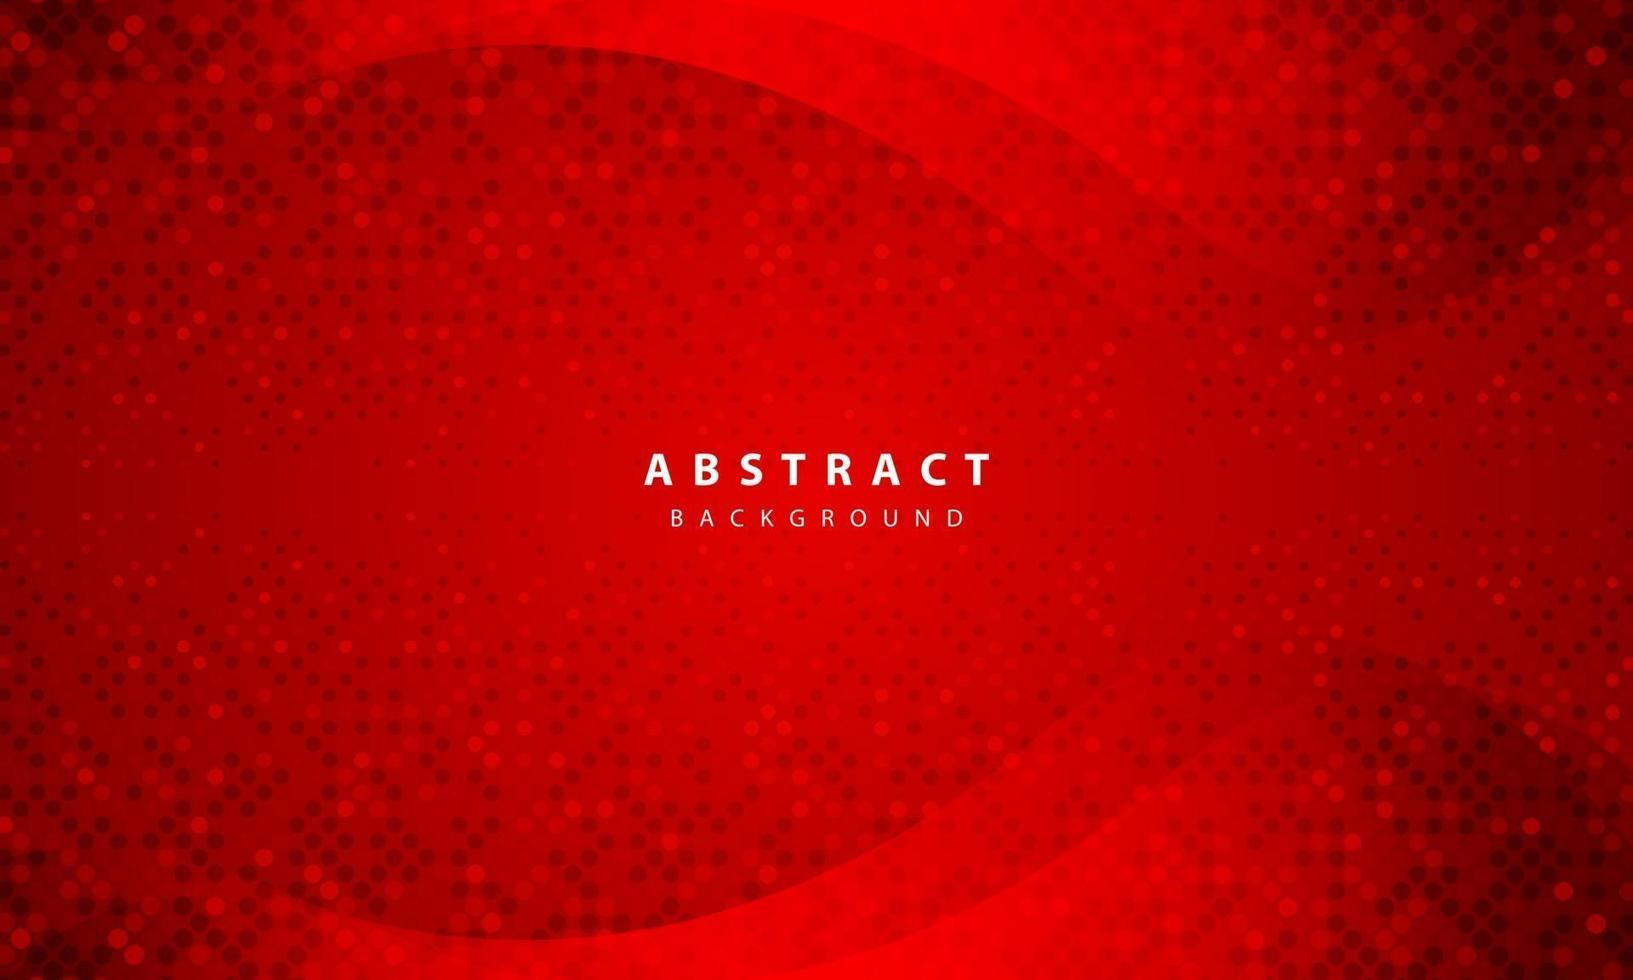 dunkler abstrakter Hintergrund mit roten Überlappungsebenen. realistische Textur mit goldener Glitzerpunkt-Elementdekoration. vektor